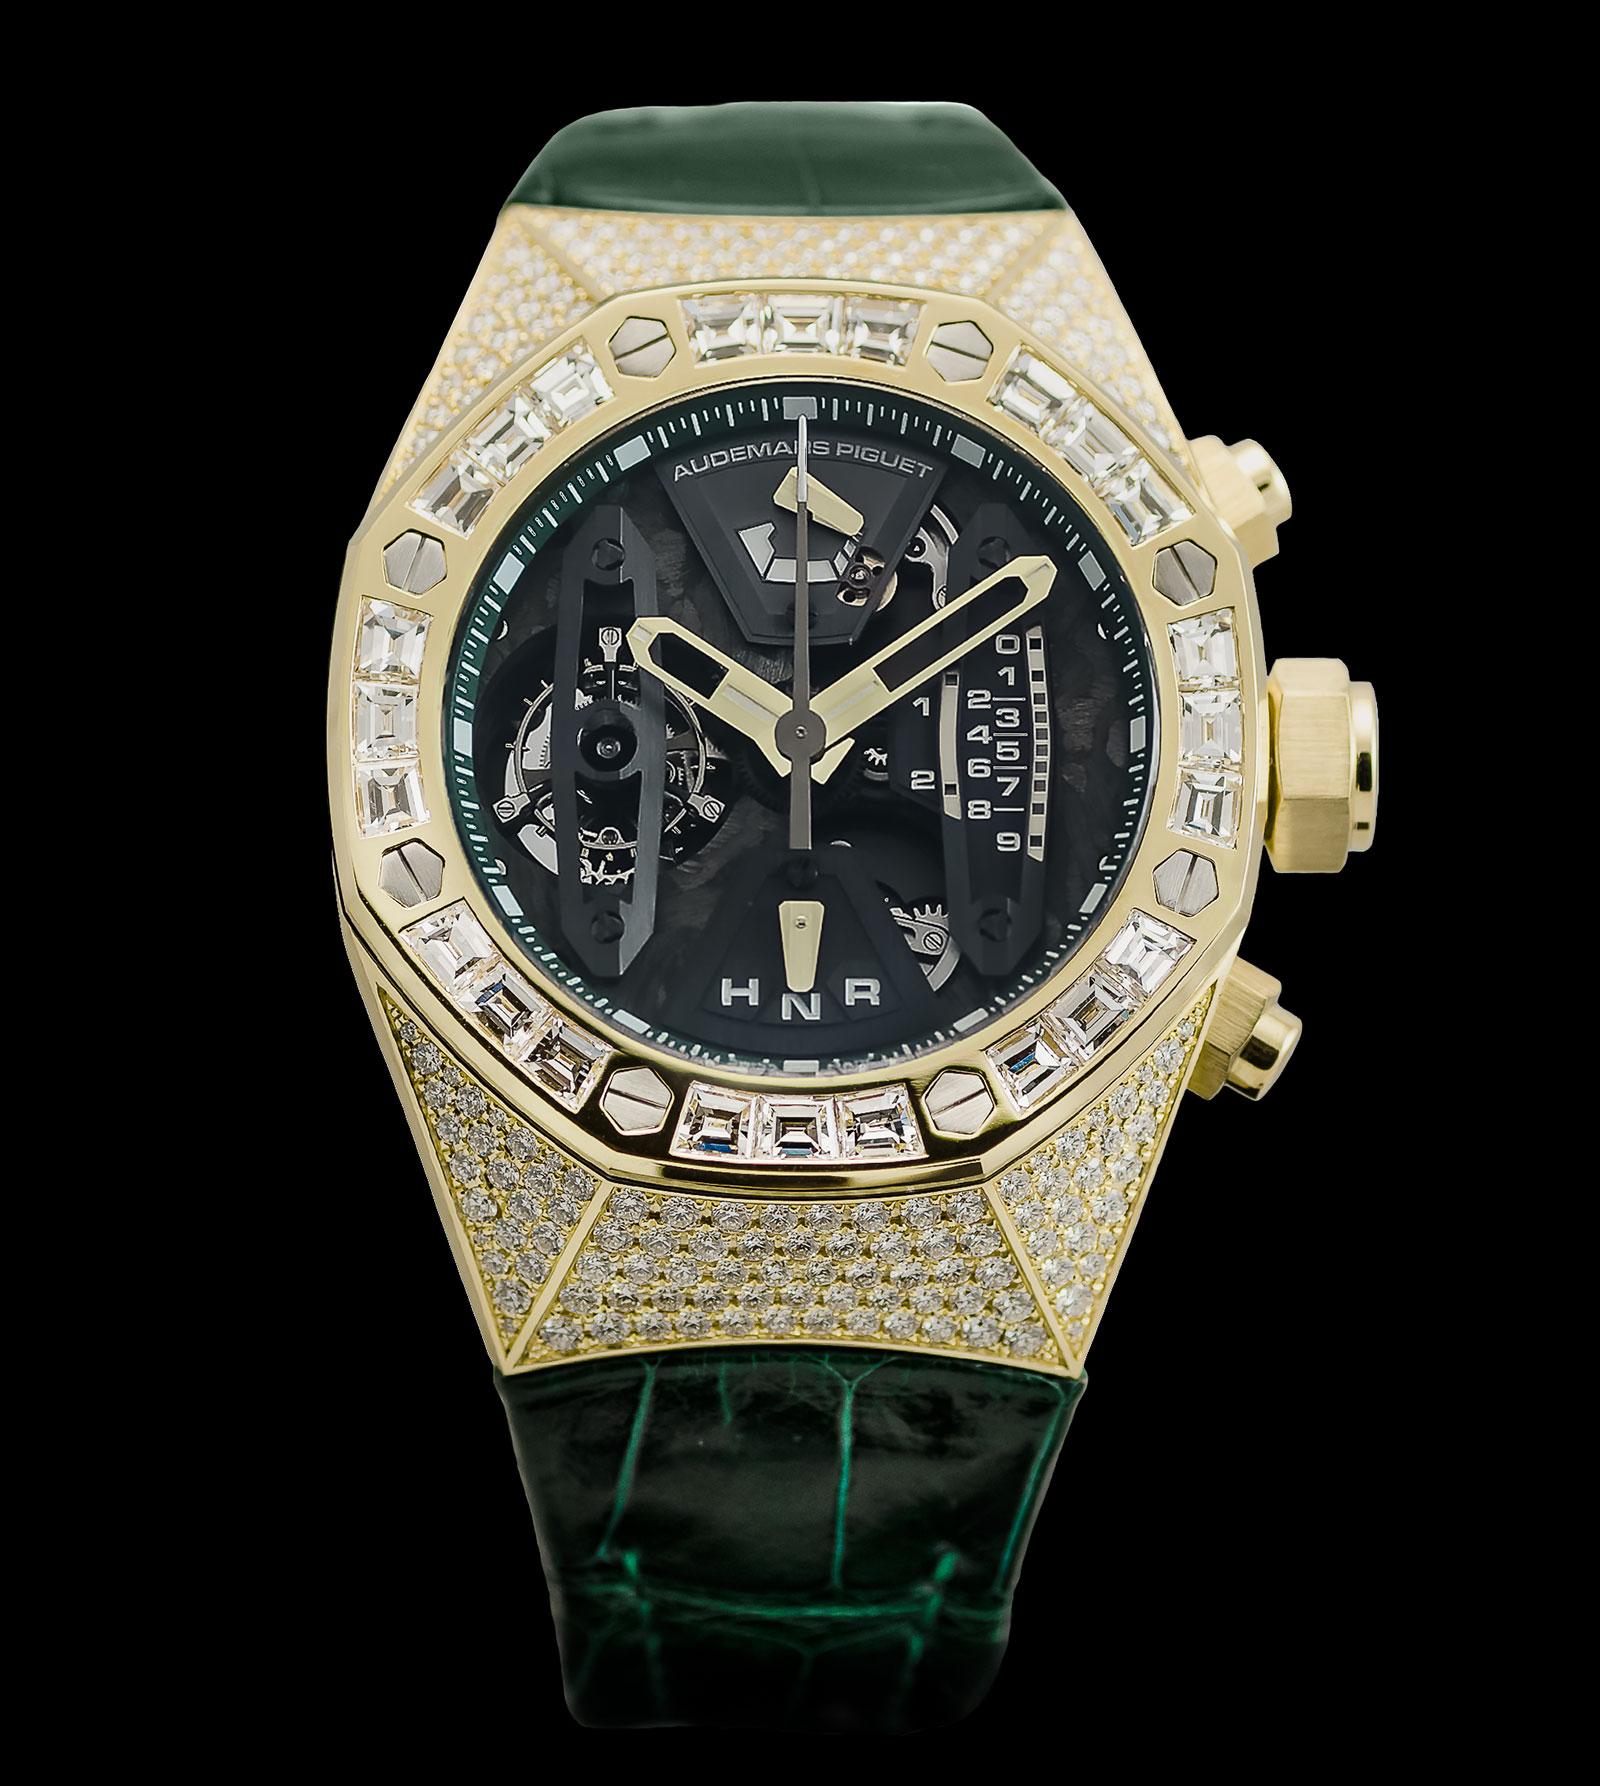 Audemars Piguet Royal Oak Concept Tourbillon Chronograph yellow gold diamond pave 1